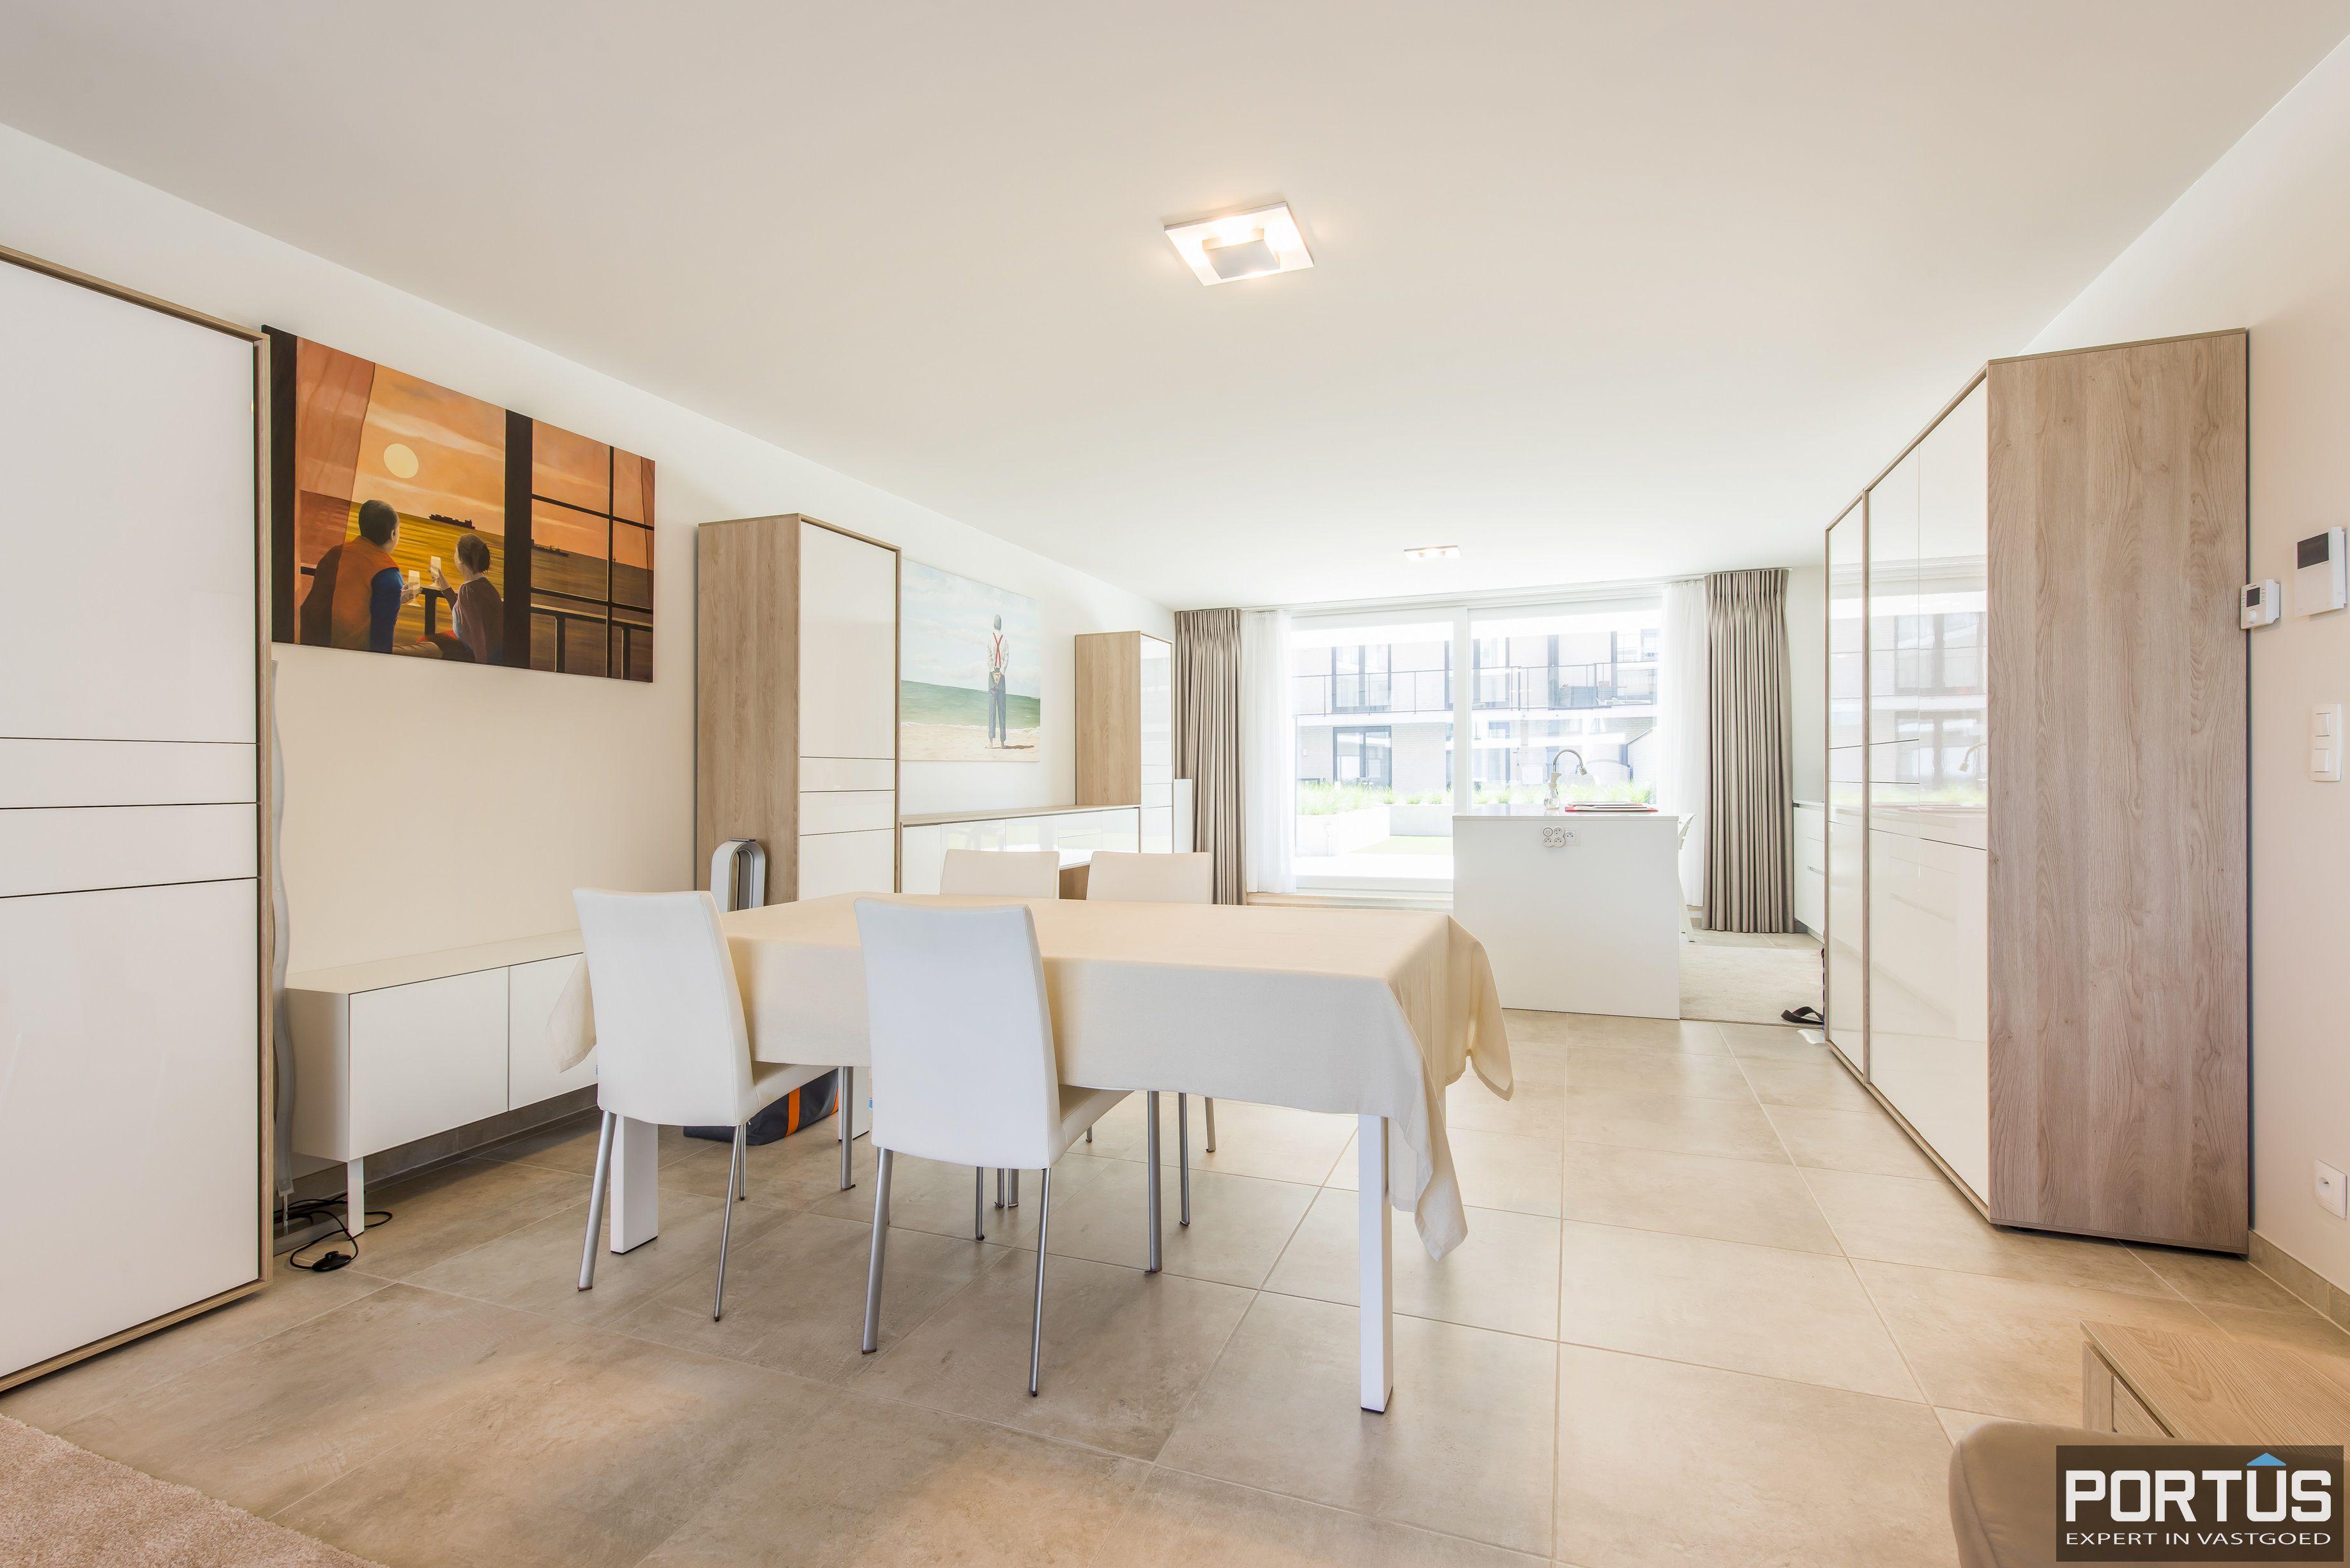 Recent appartement met 2 slaapkamers te koop te Nieuwpoort - 11392